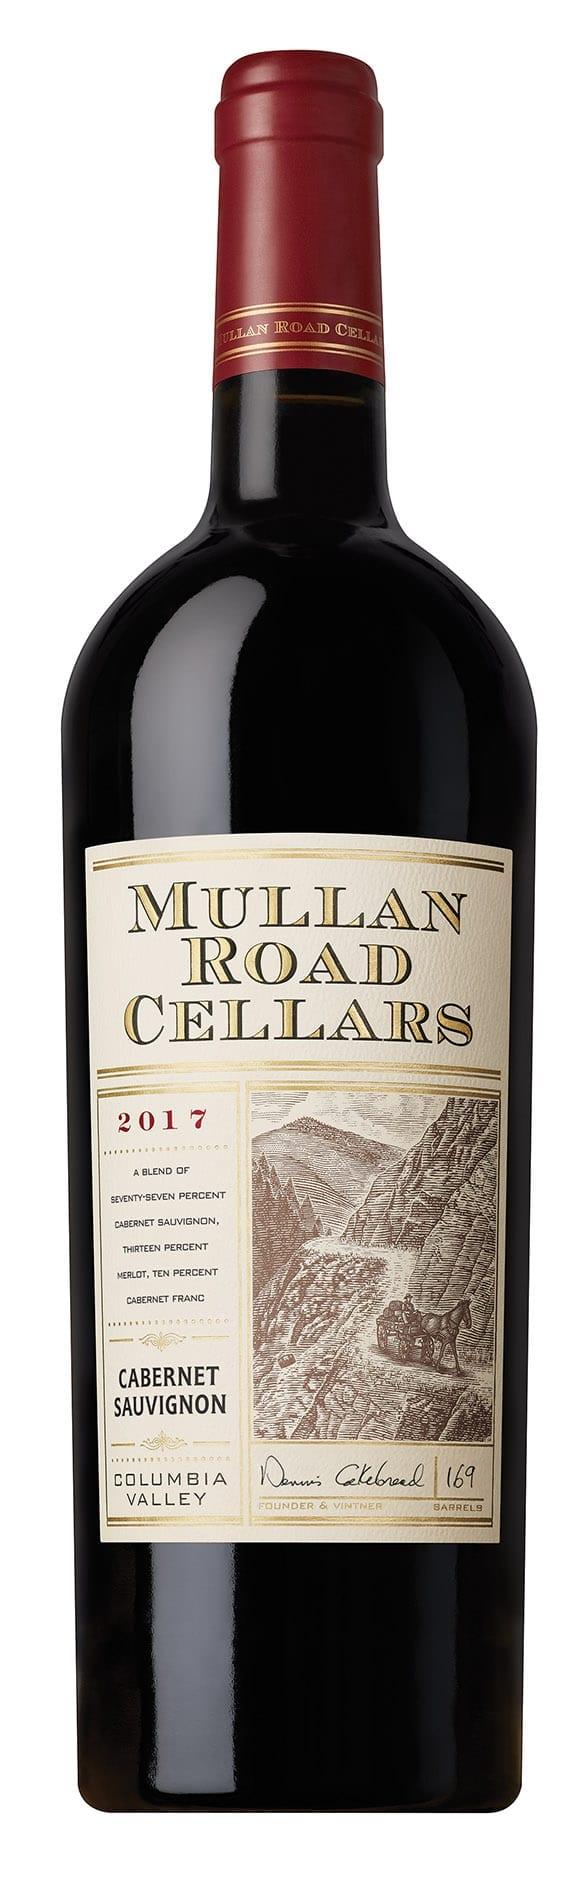 Mullan Road, 2017, Red wine, American red blend